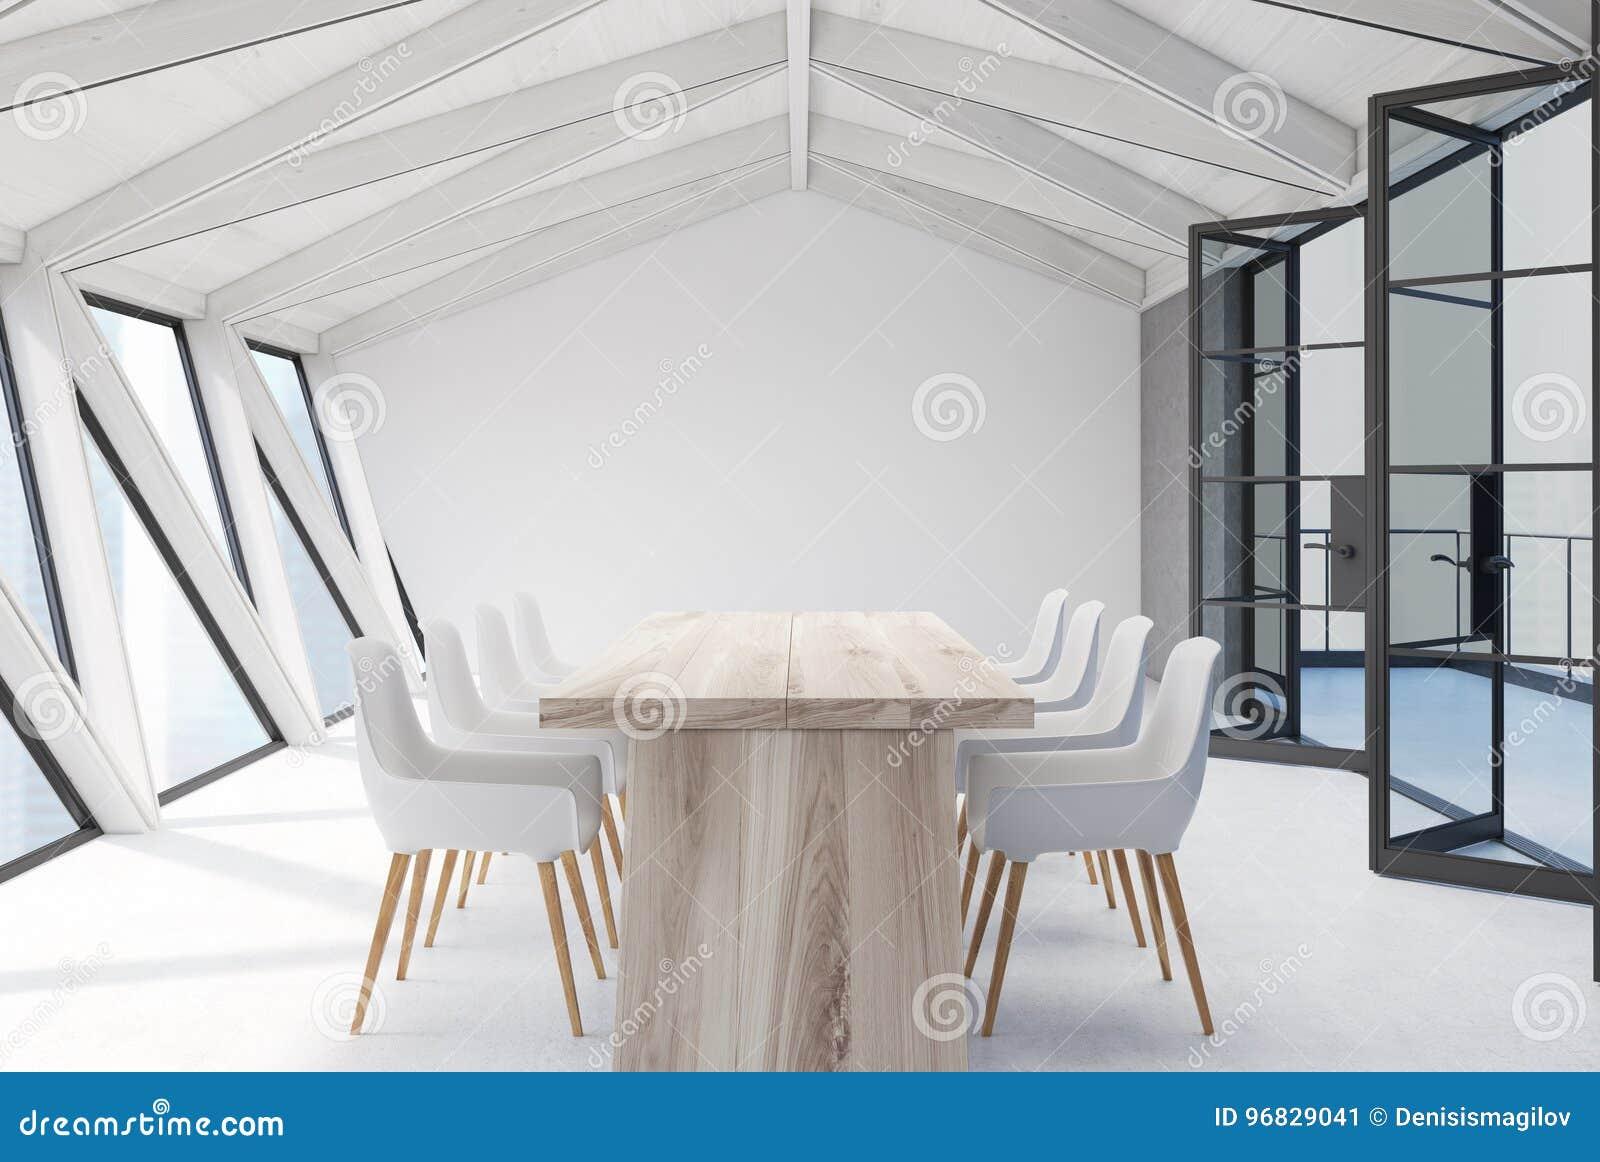 Soffitti In Legno Bianco : Sala riunioni della soffitta soffitto bianco tavola di legno